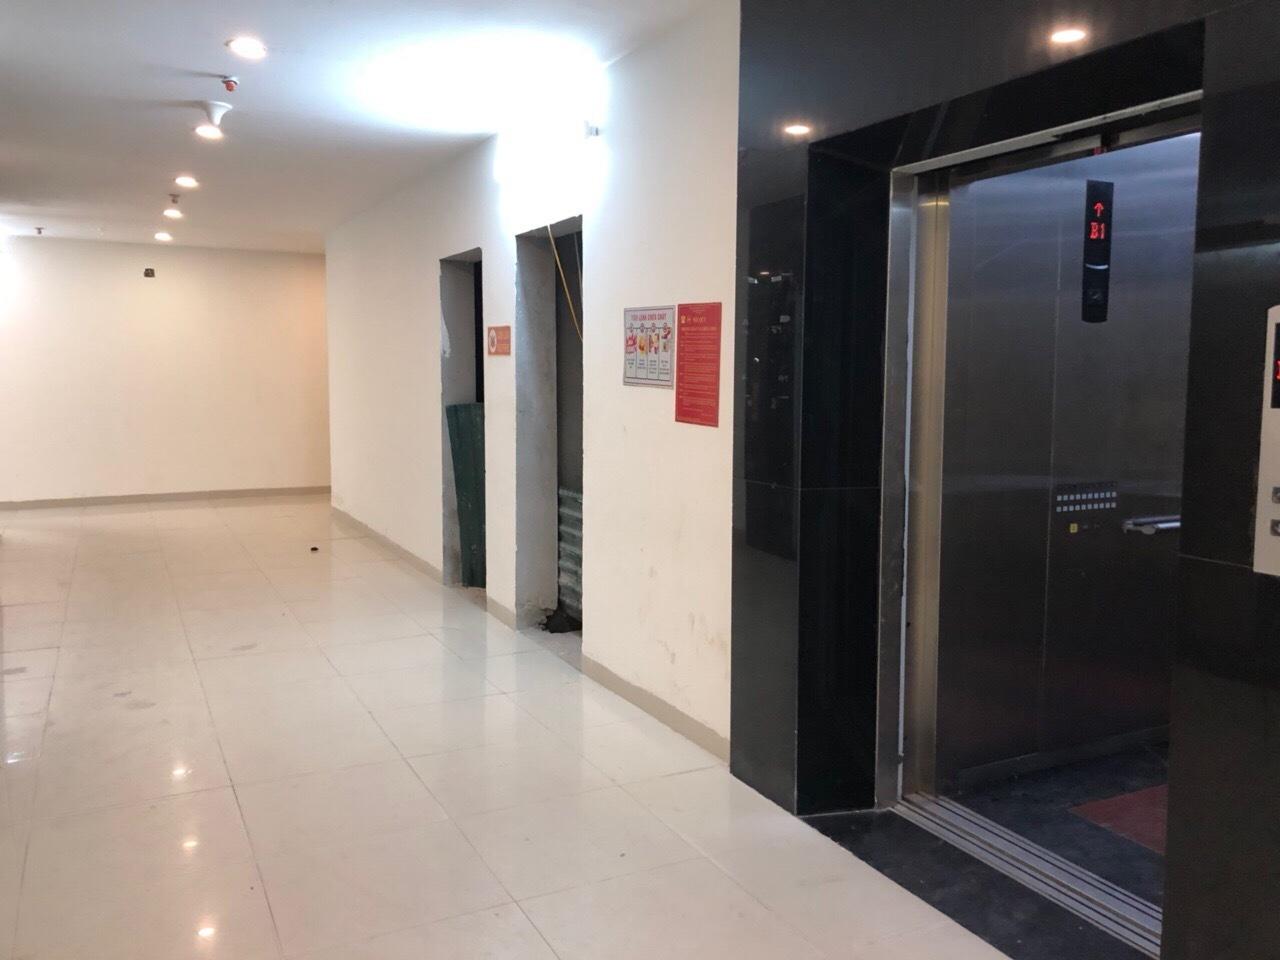 Chung cư Gelexia Riverside,Chung cư 885 Tam Trinh,Tập đoàn Geleximco,Tè bậy trong thang máy,tè bậy